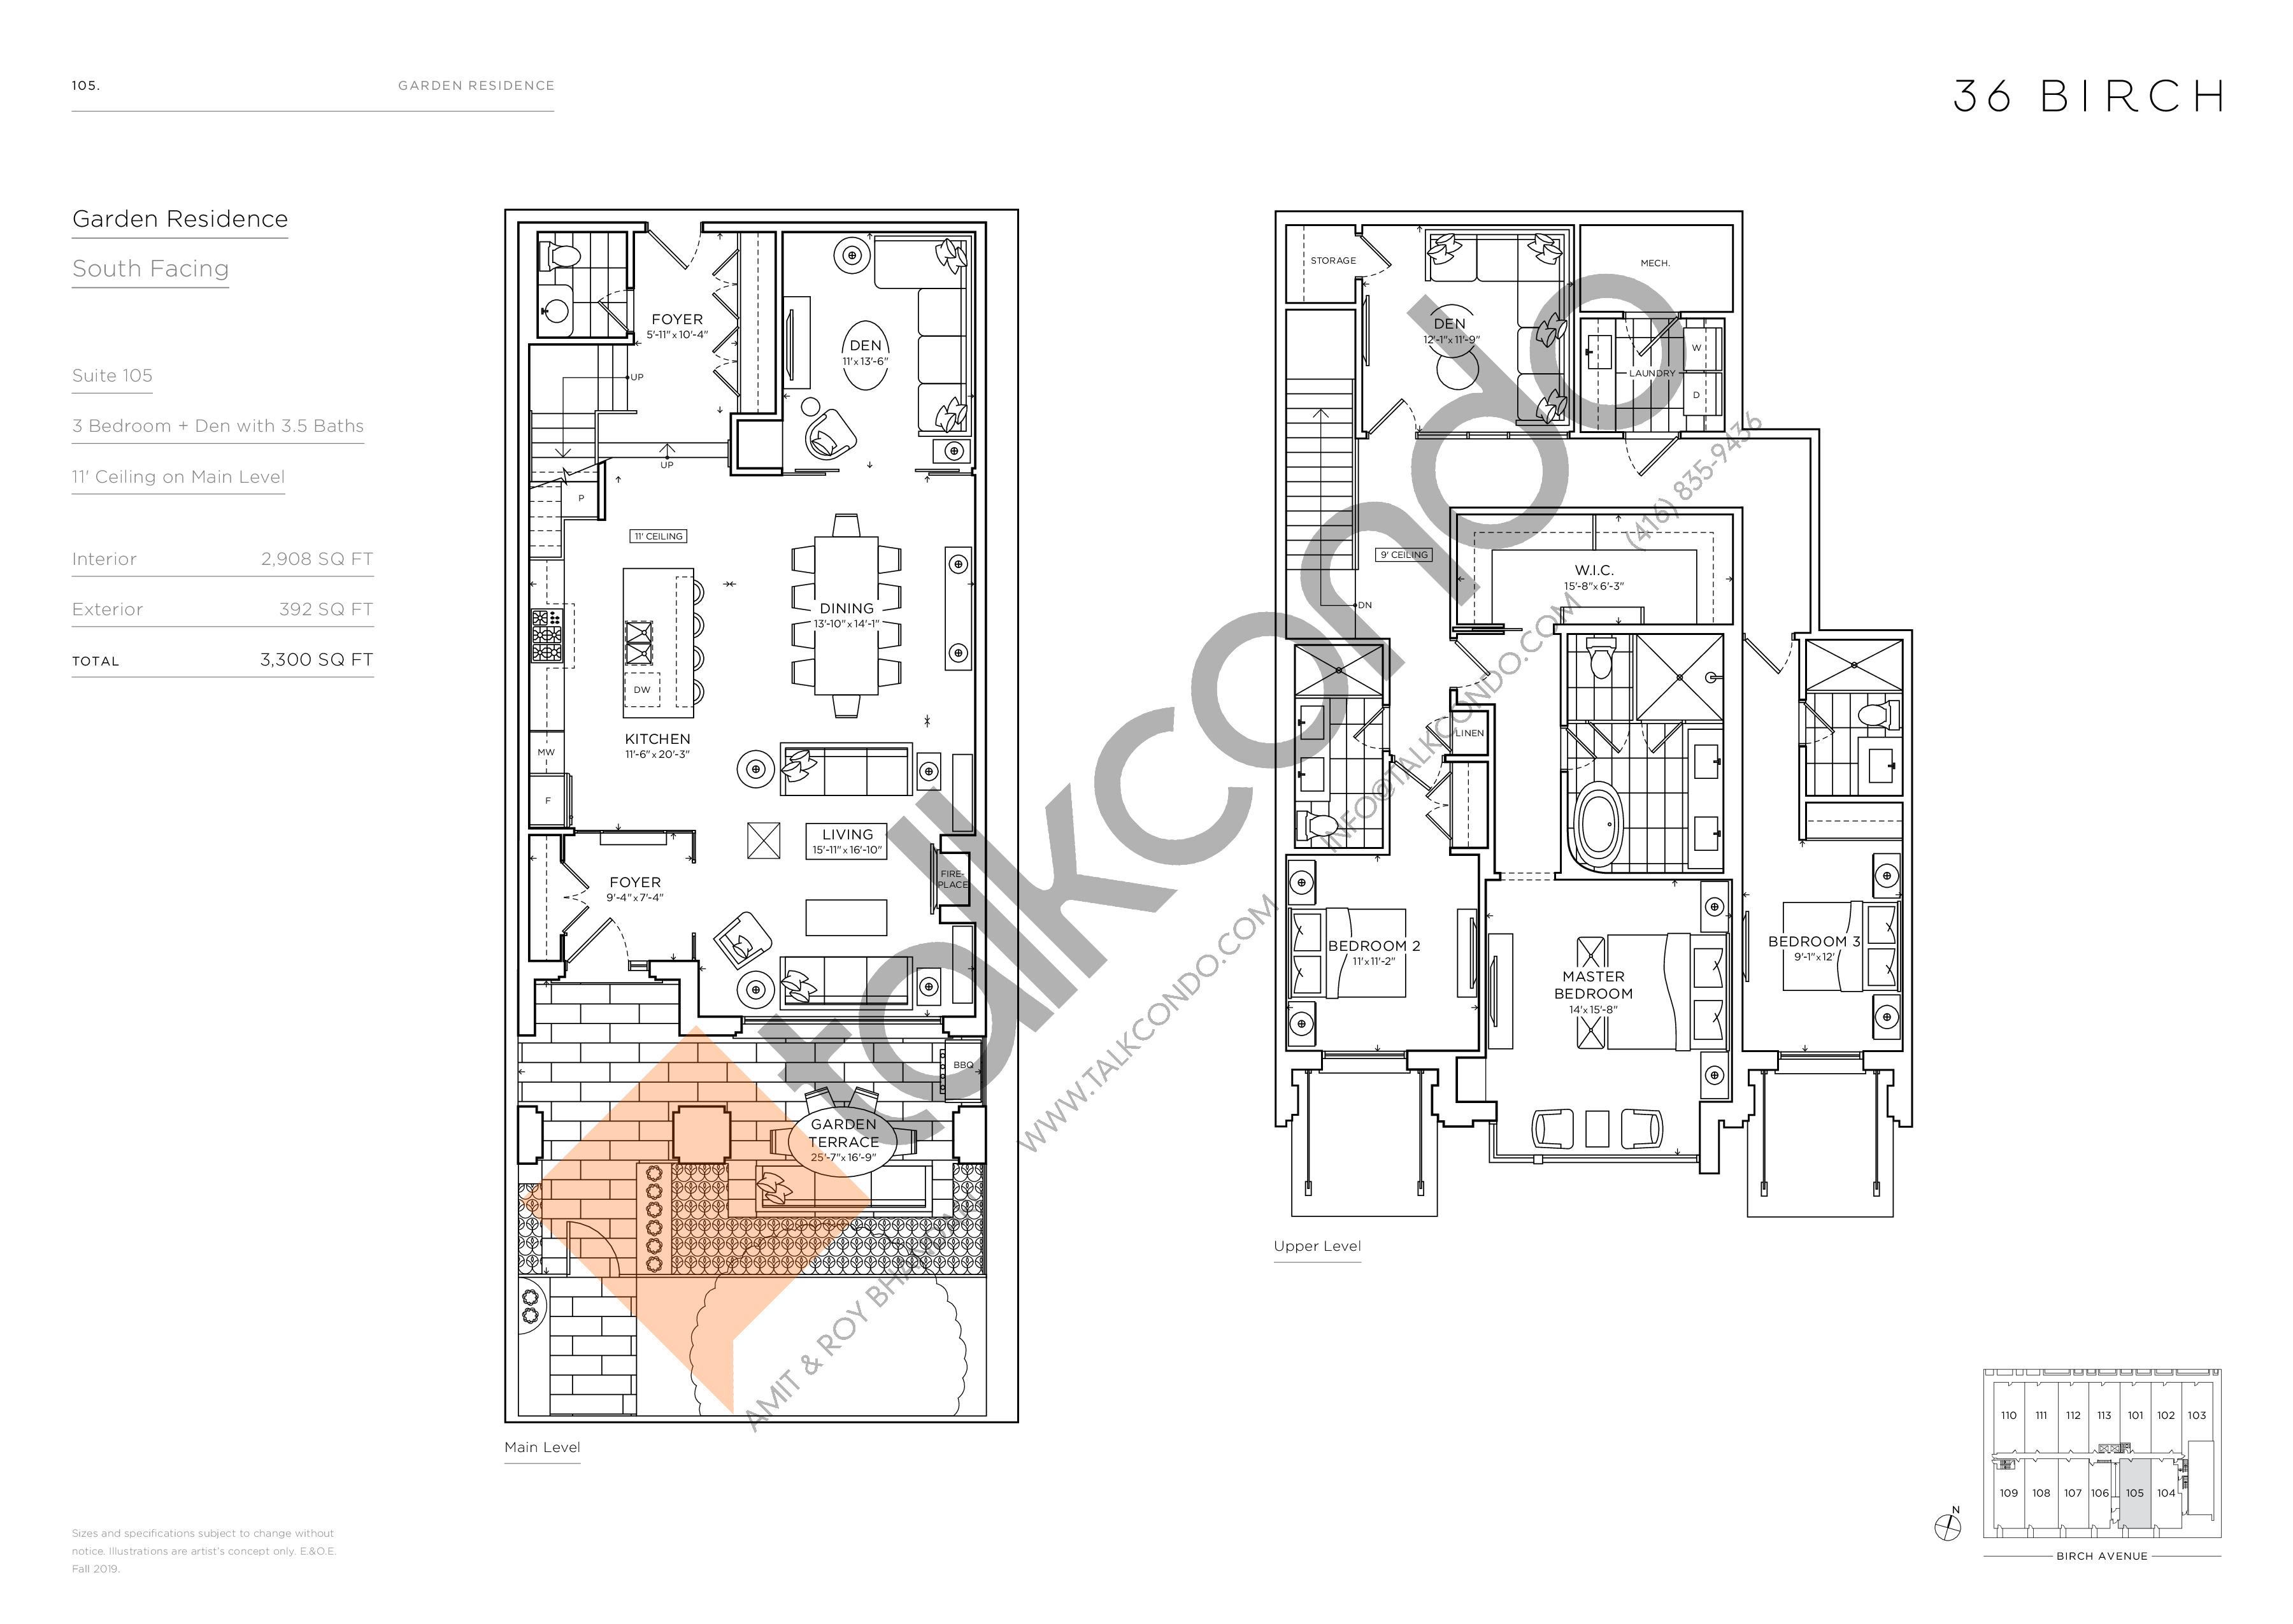 105 - Garden Residences Floor Plan at 36 Birch Condos - 2908 sq.ft